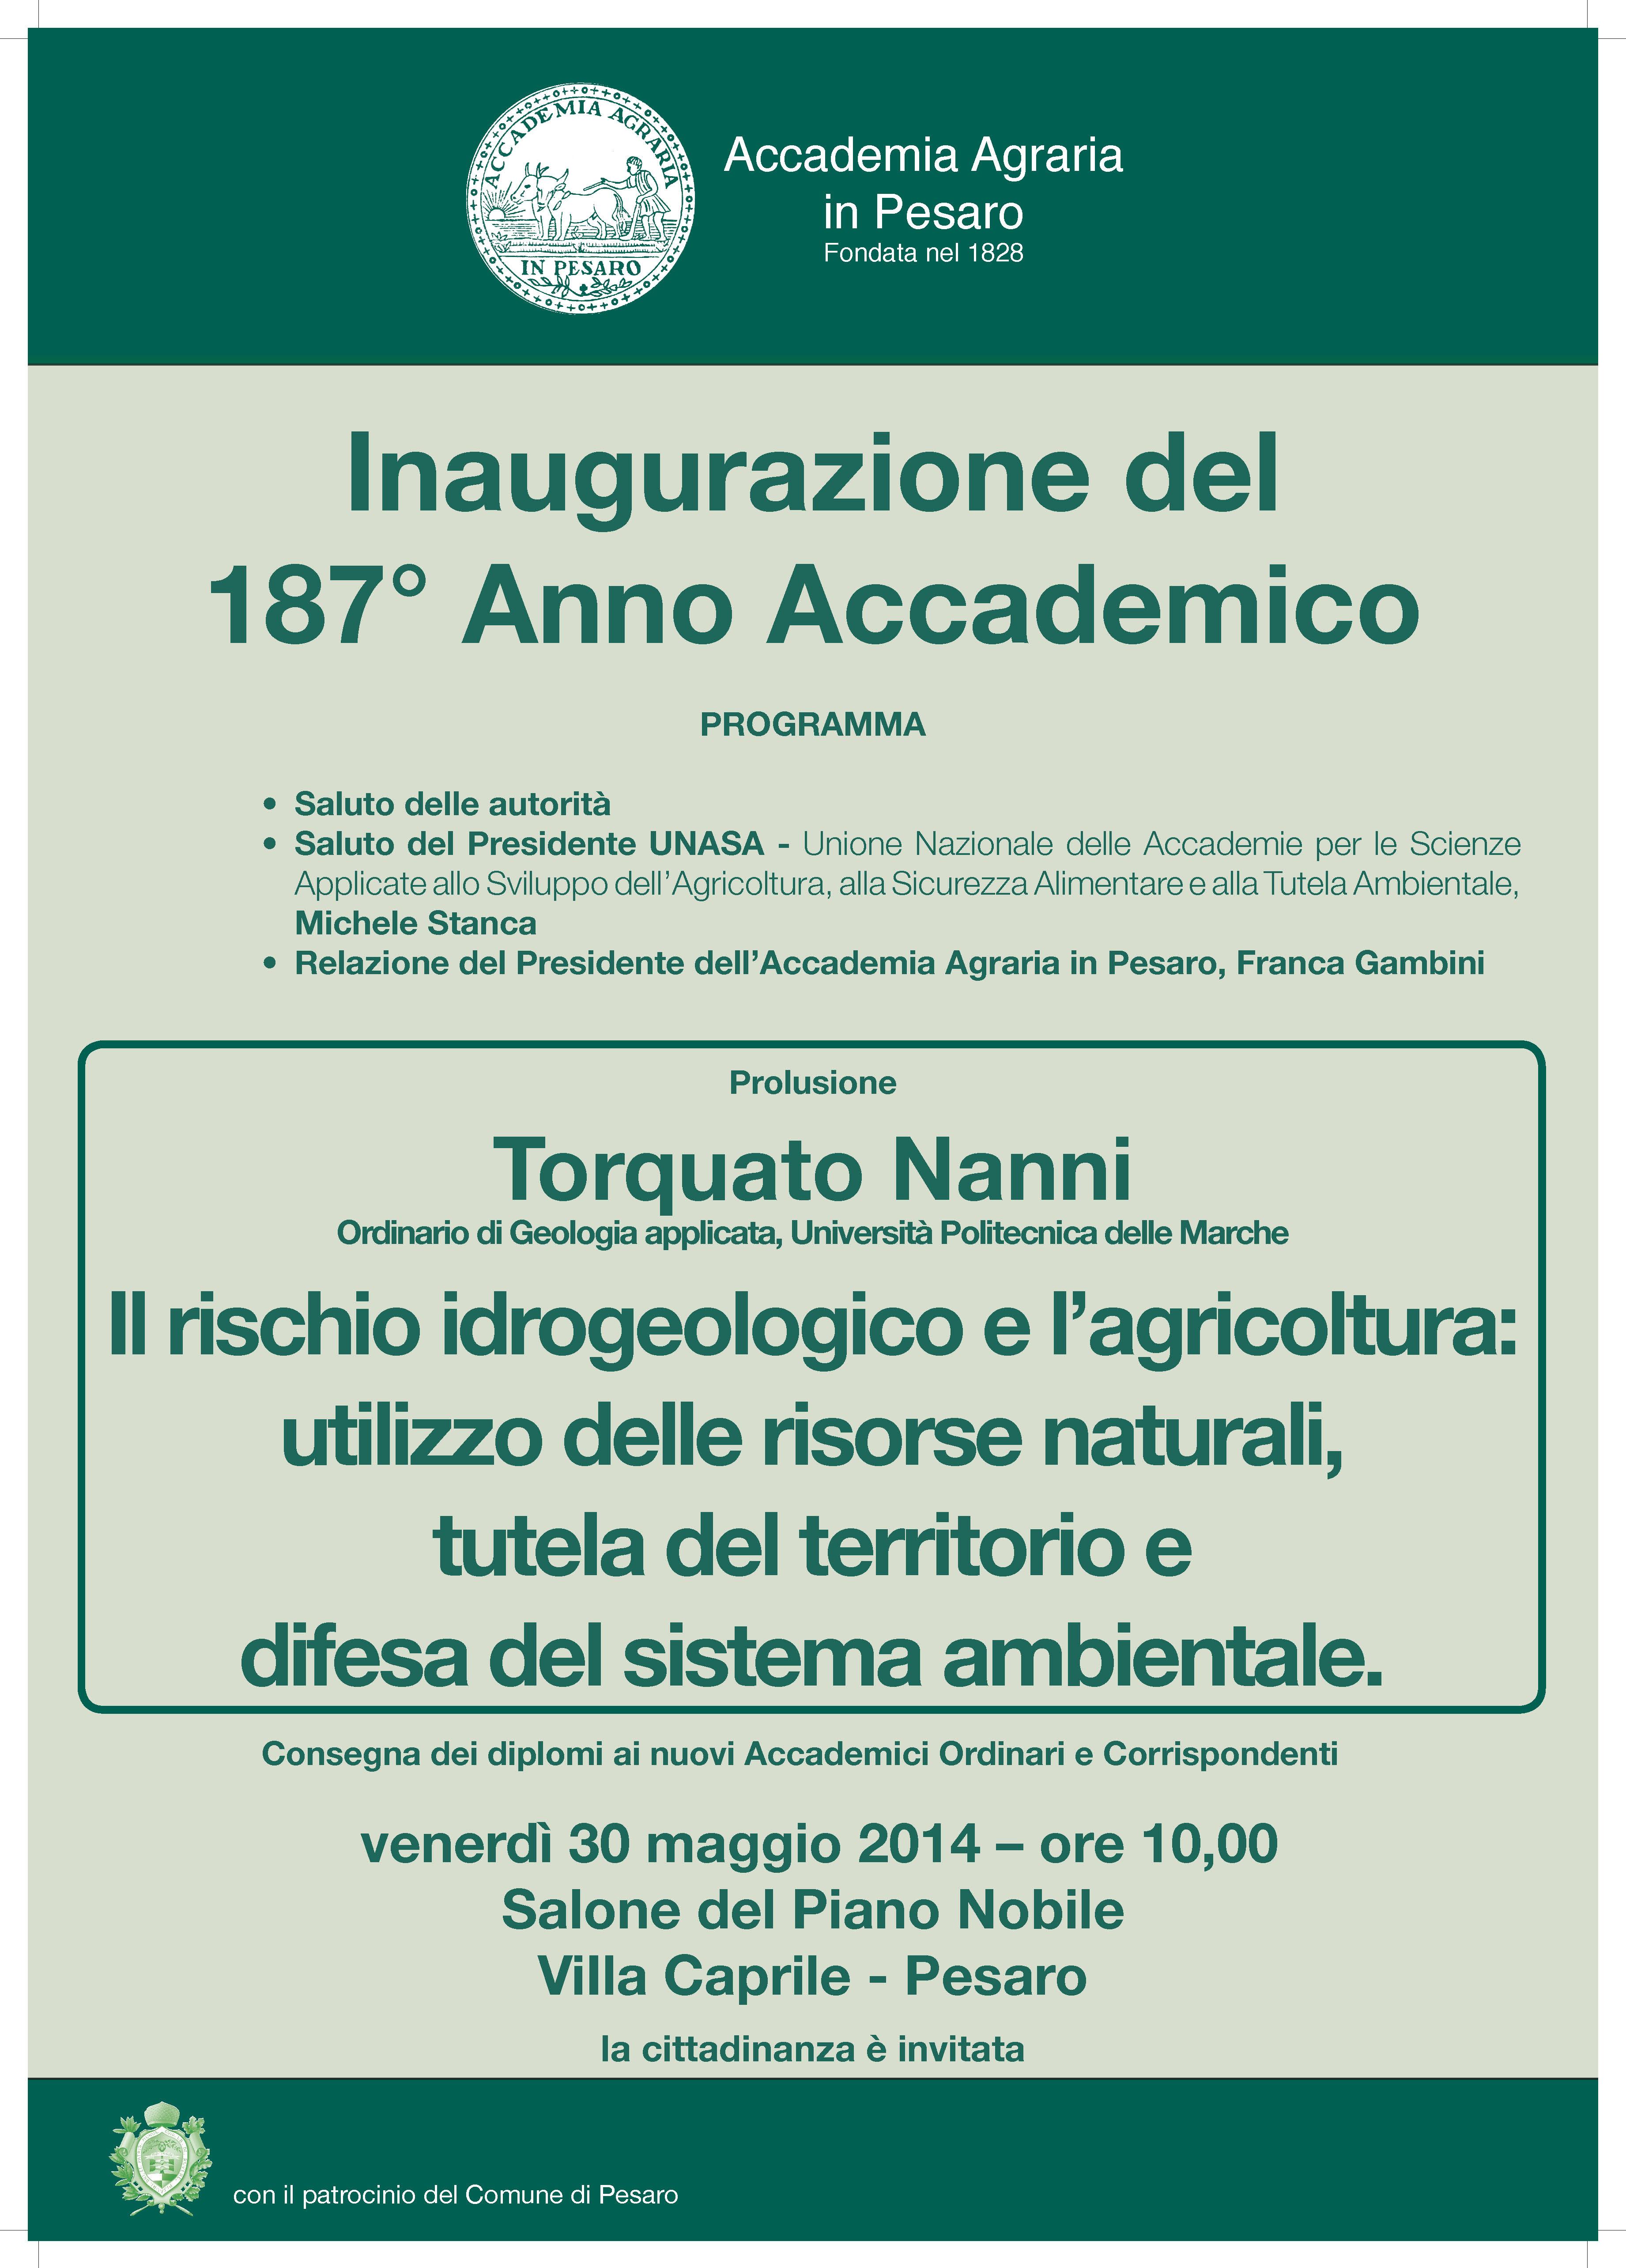 agraria manifesto 2014